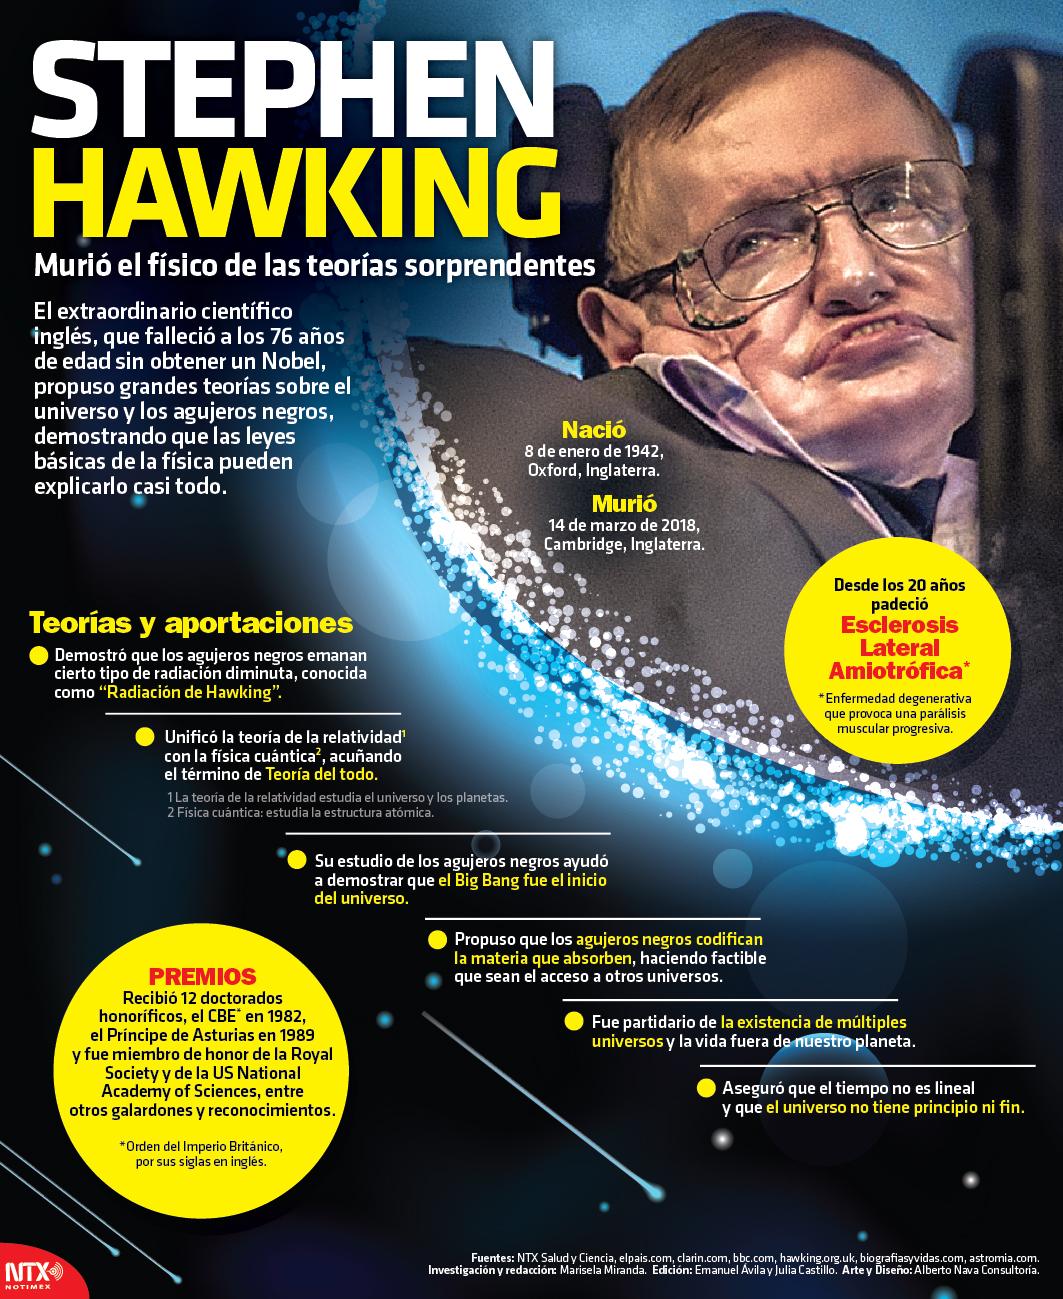 Stephen Hawking, murió el físico de las teorías sorprendentes